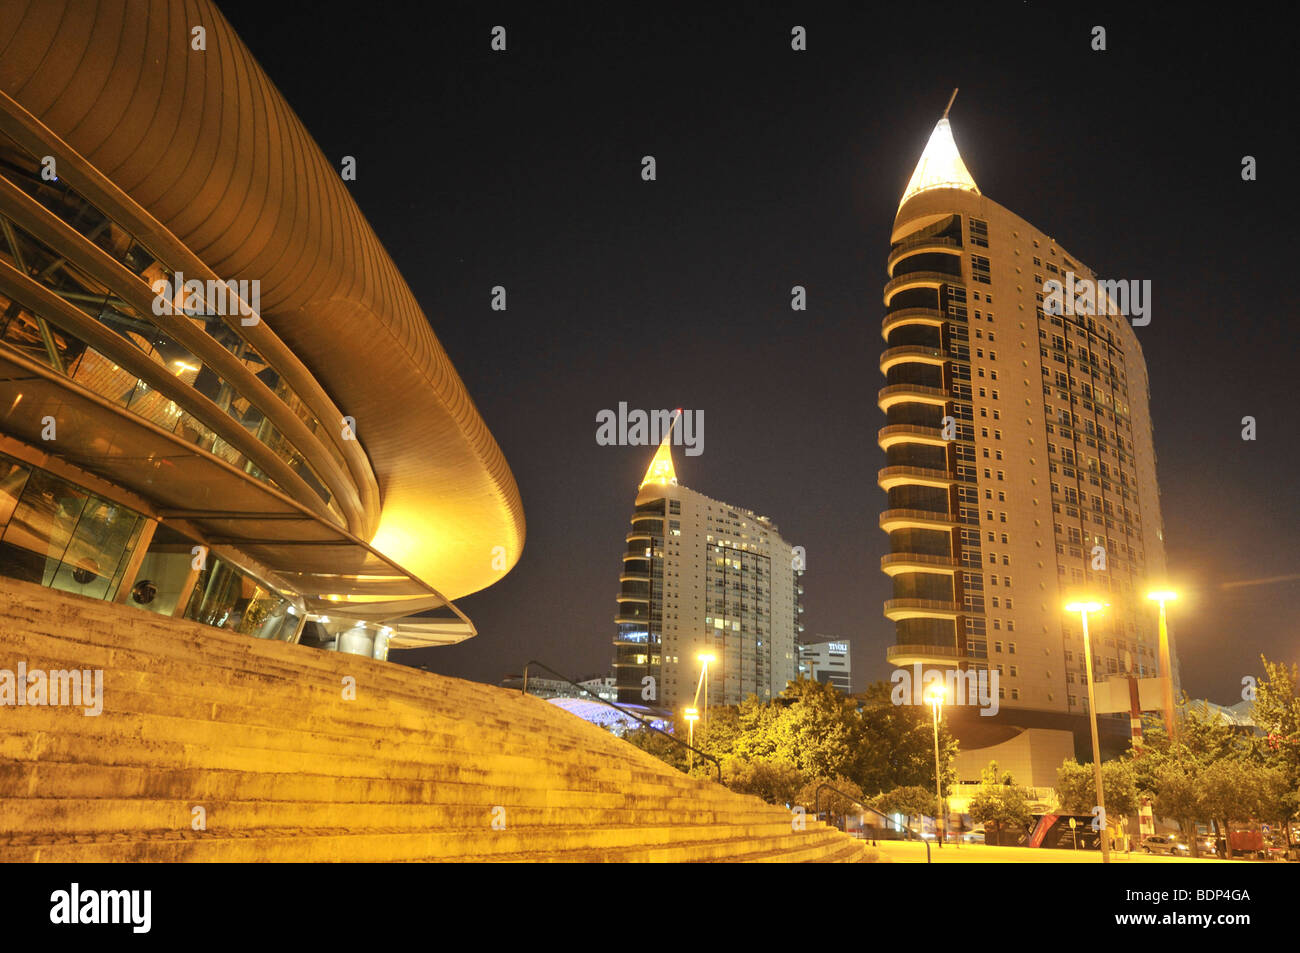 Moderne Architektur, Pavilhao Atlantico, links, und Wolkenkratzer Sao Gabriel und Sao Rafael, richtig, im Parque Stockbild